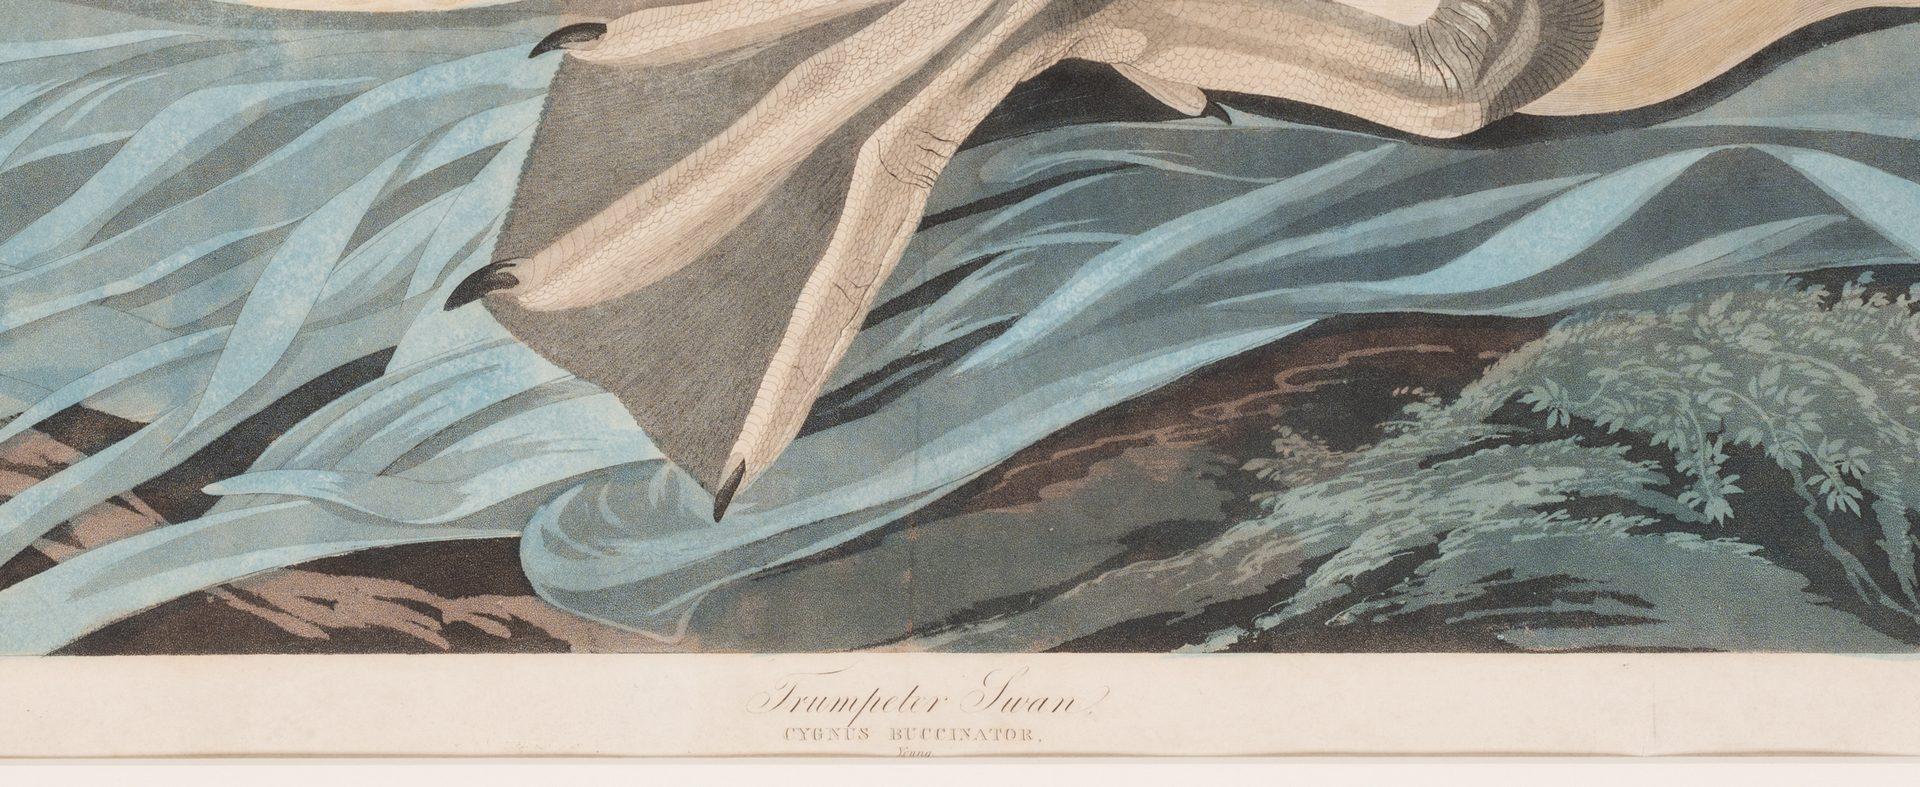 Lot 451: John J. Audubon Trumpeter Swan, Havell ed.